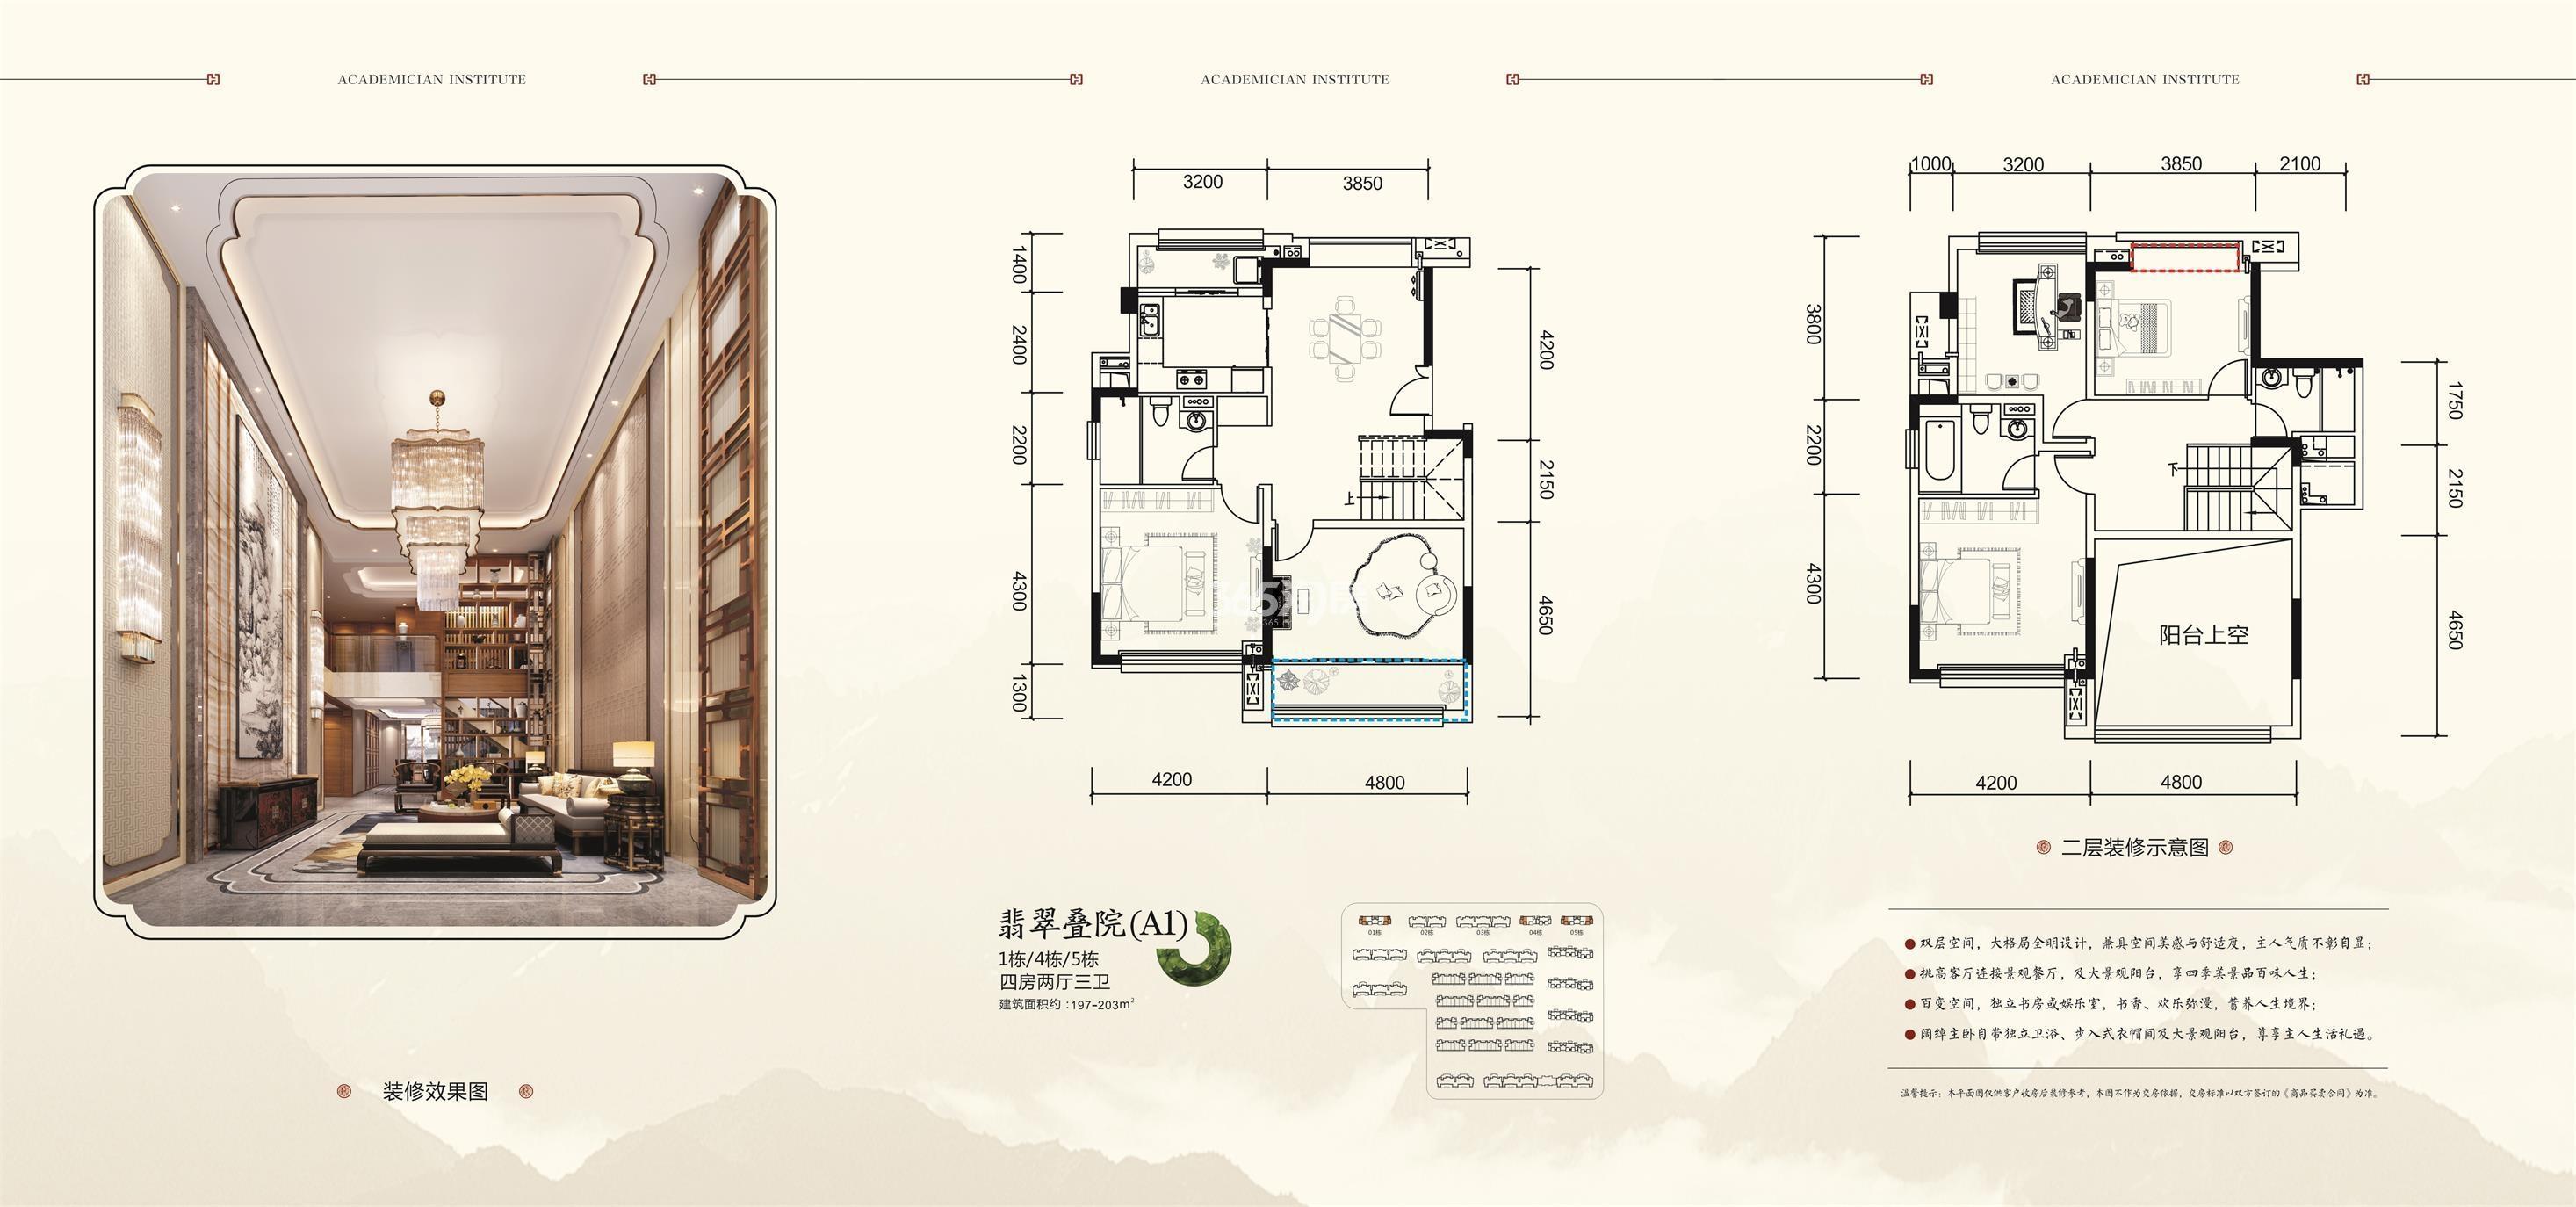 珠江翰林雅院 翡翠叠院A1户型